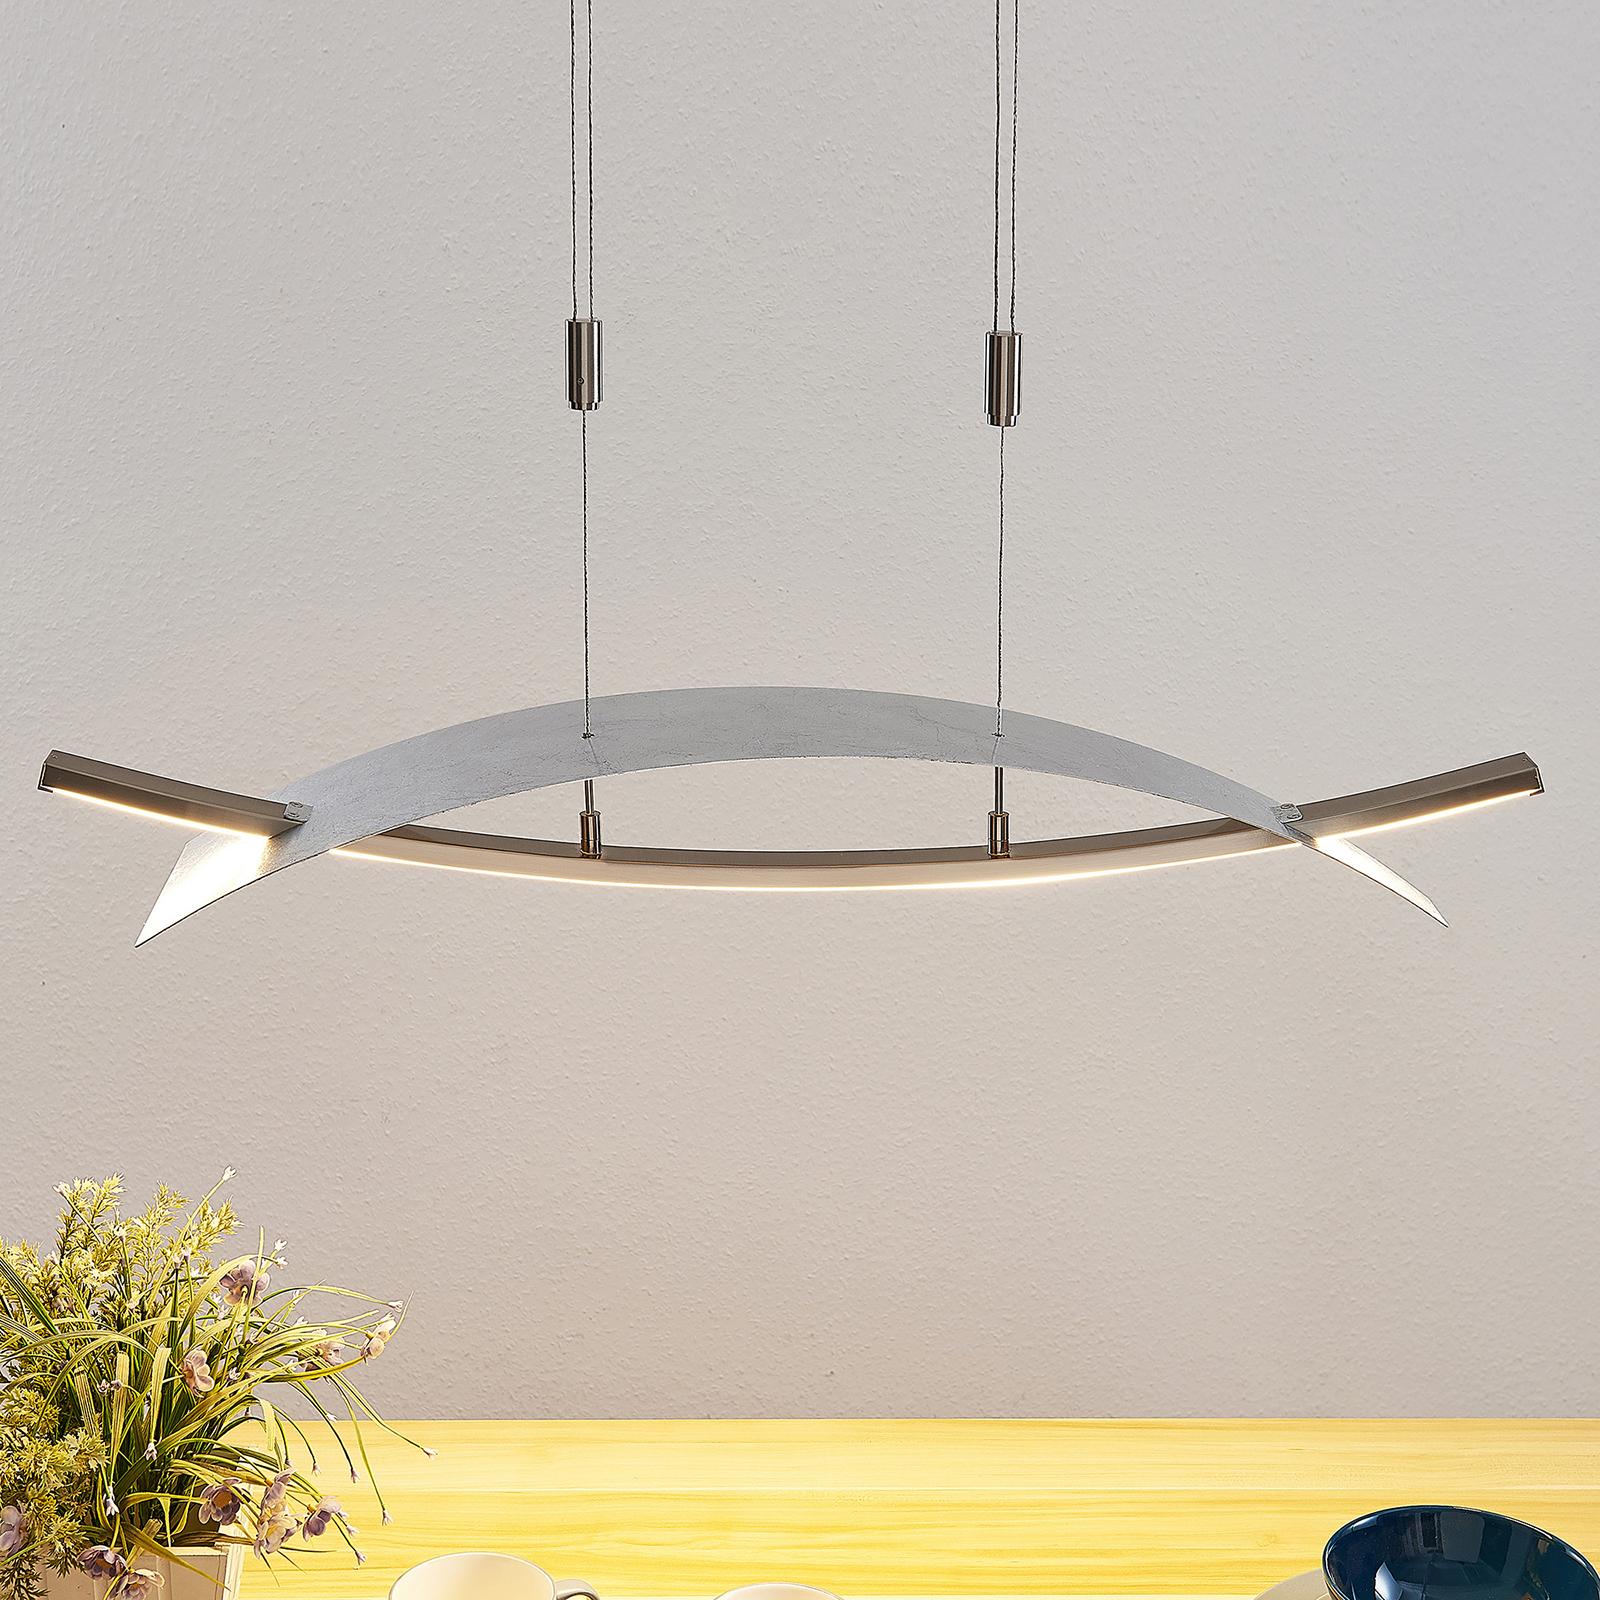 LED hanglamp Marija, horizontale afdekking, zilver